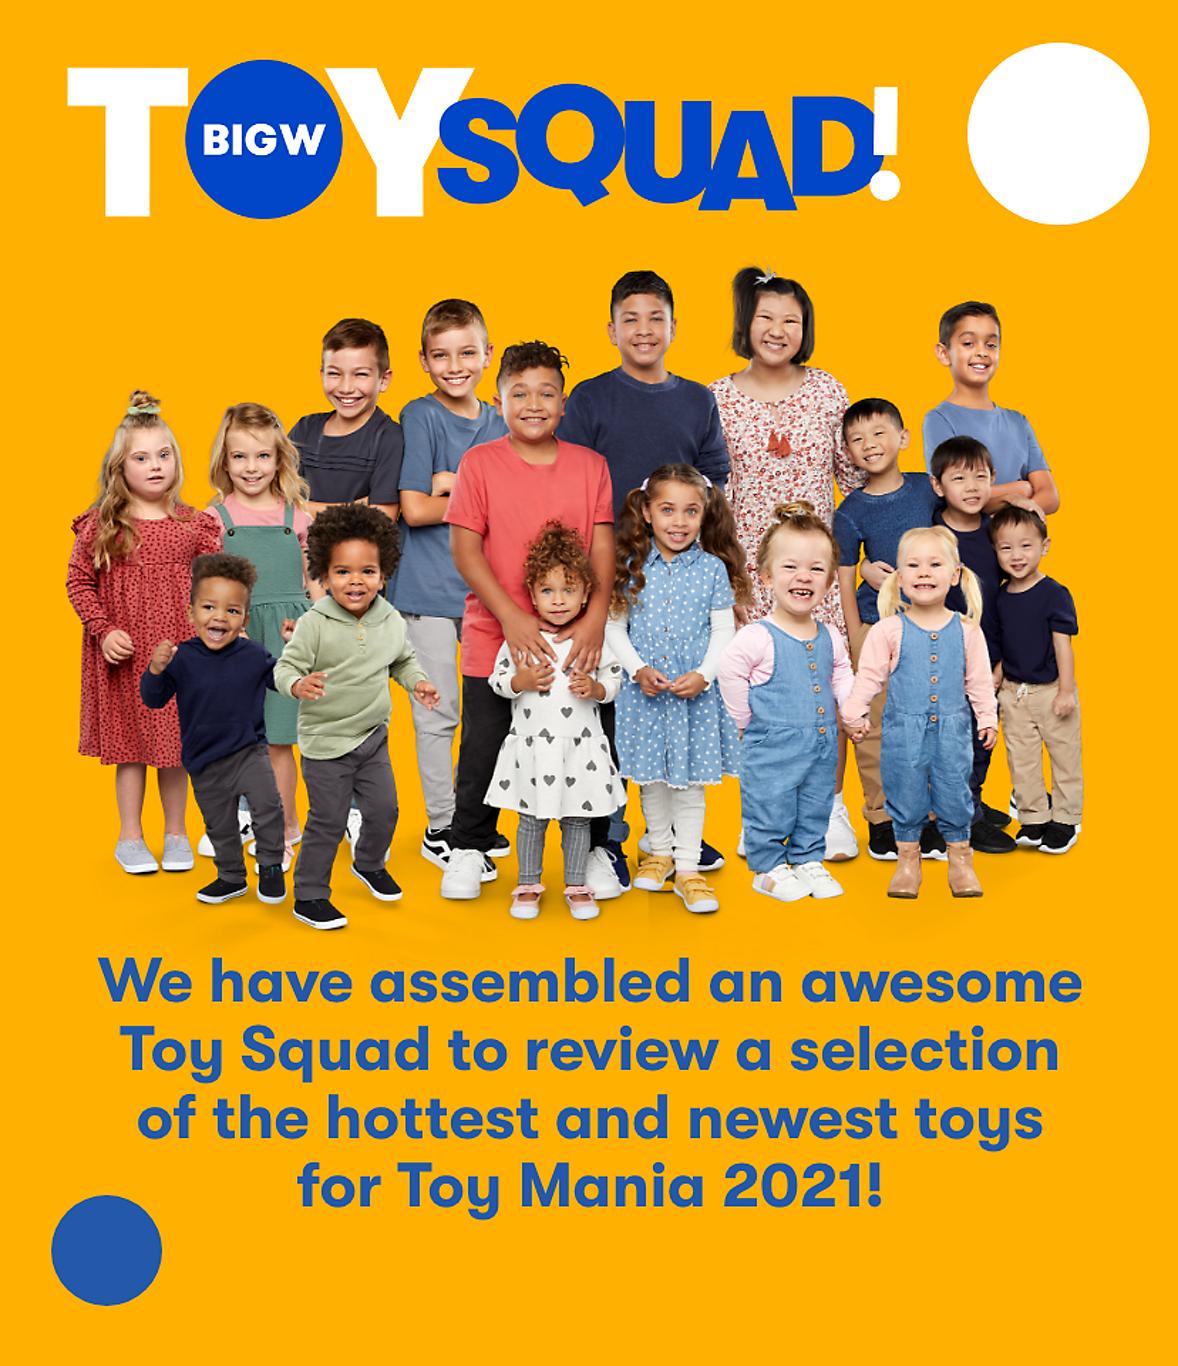 Toy Squad